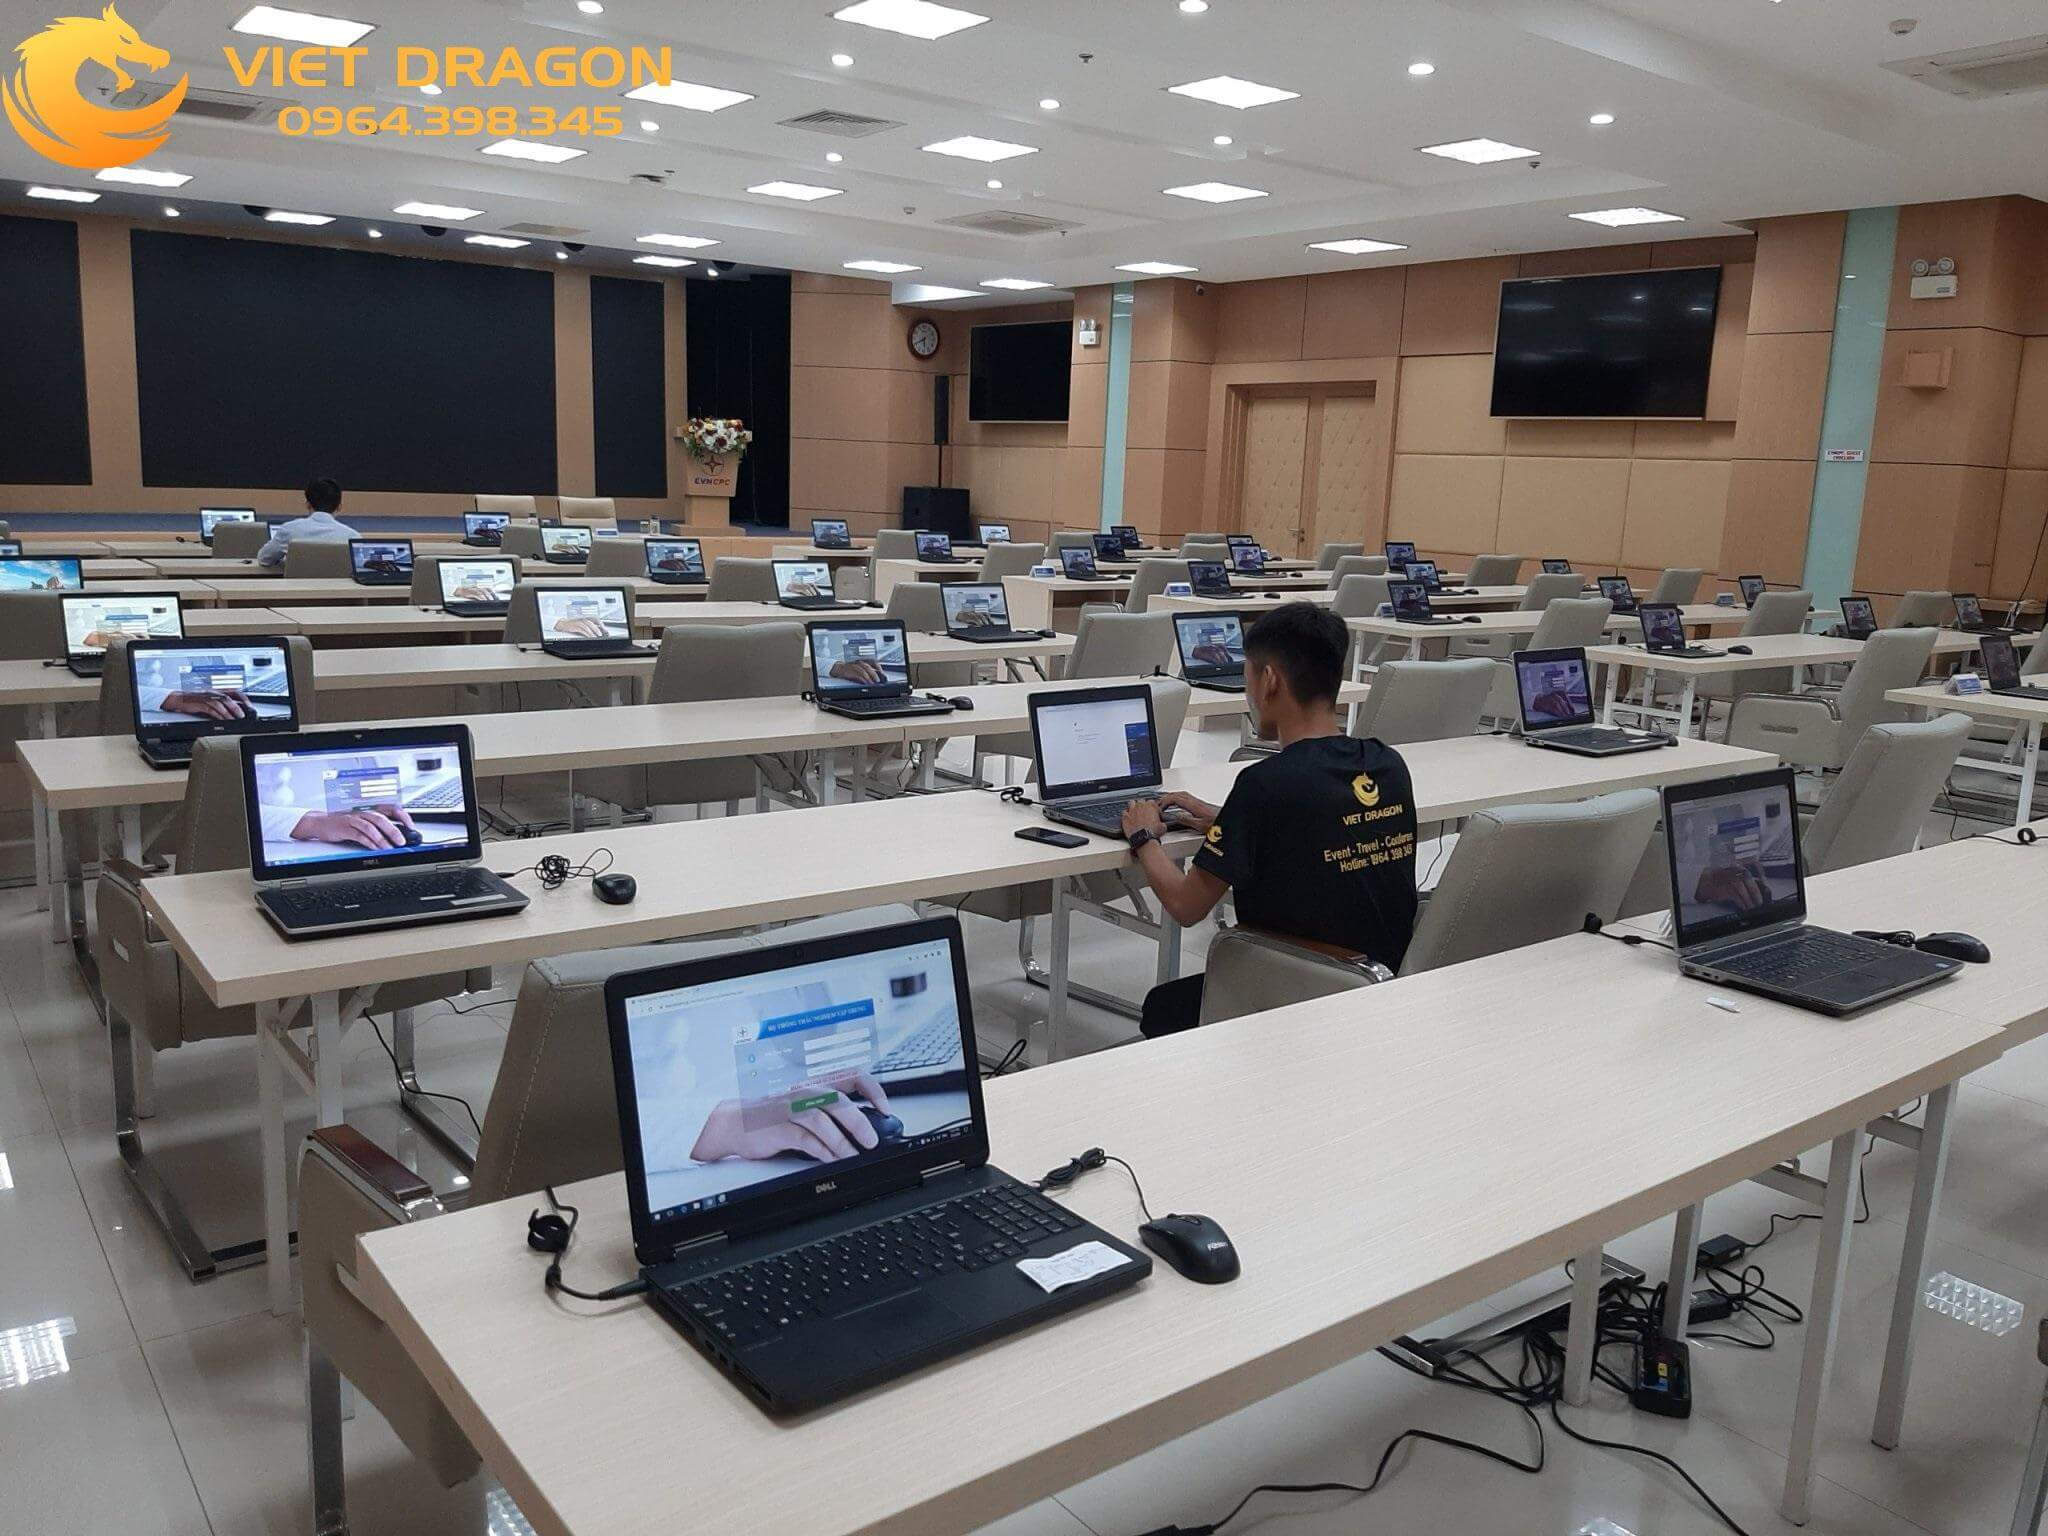 Dịch vụ cho thuê laptop tại đà nẵng 2